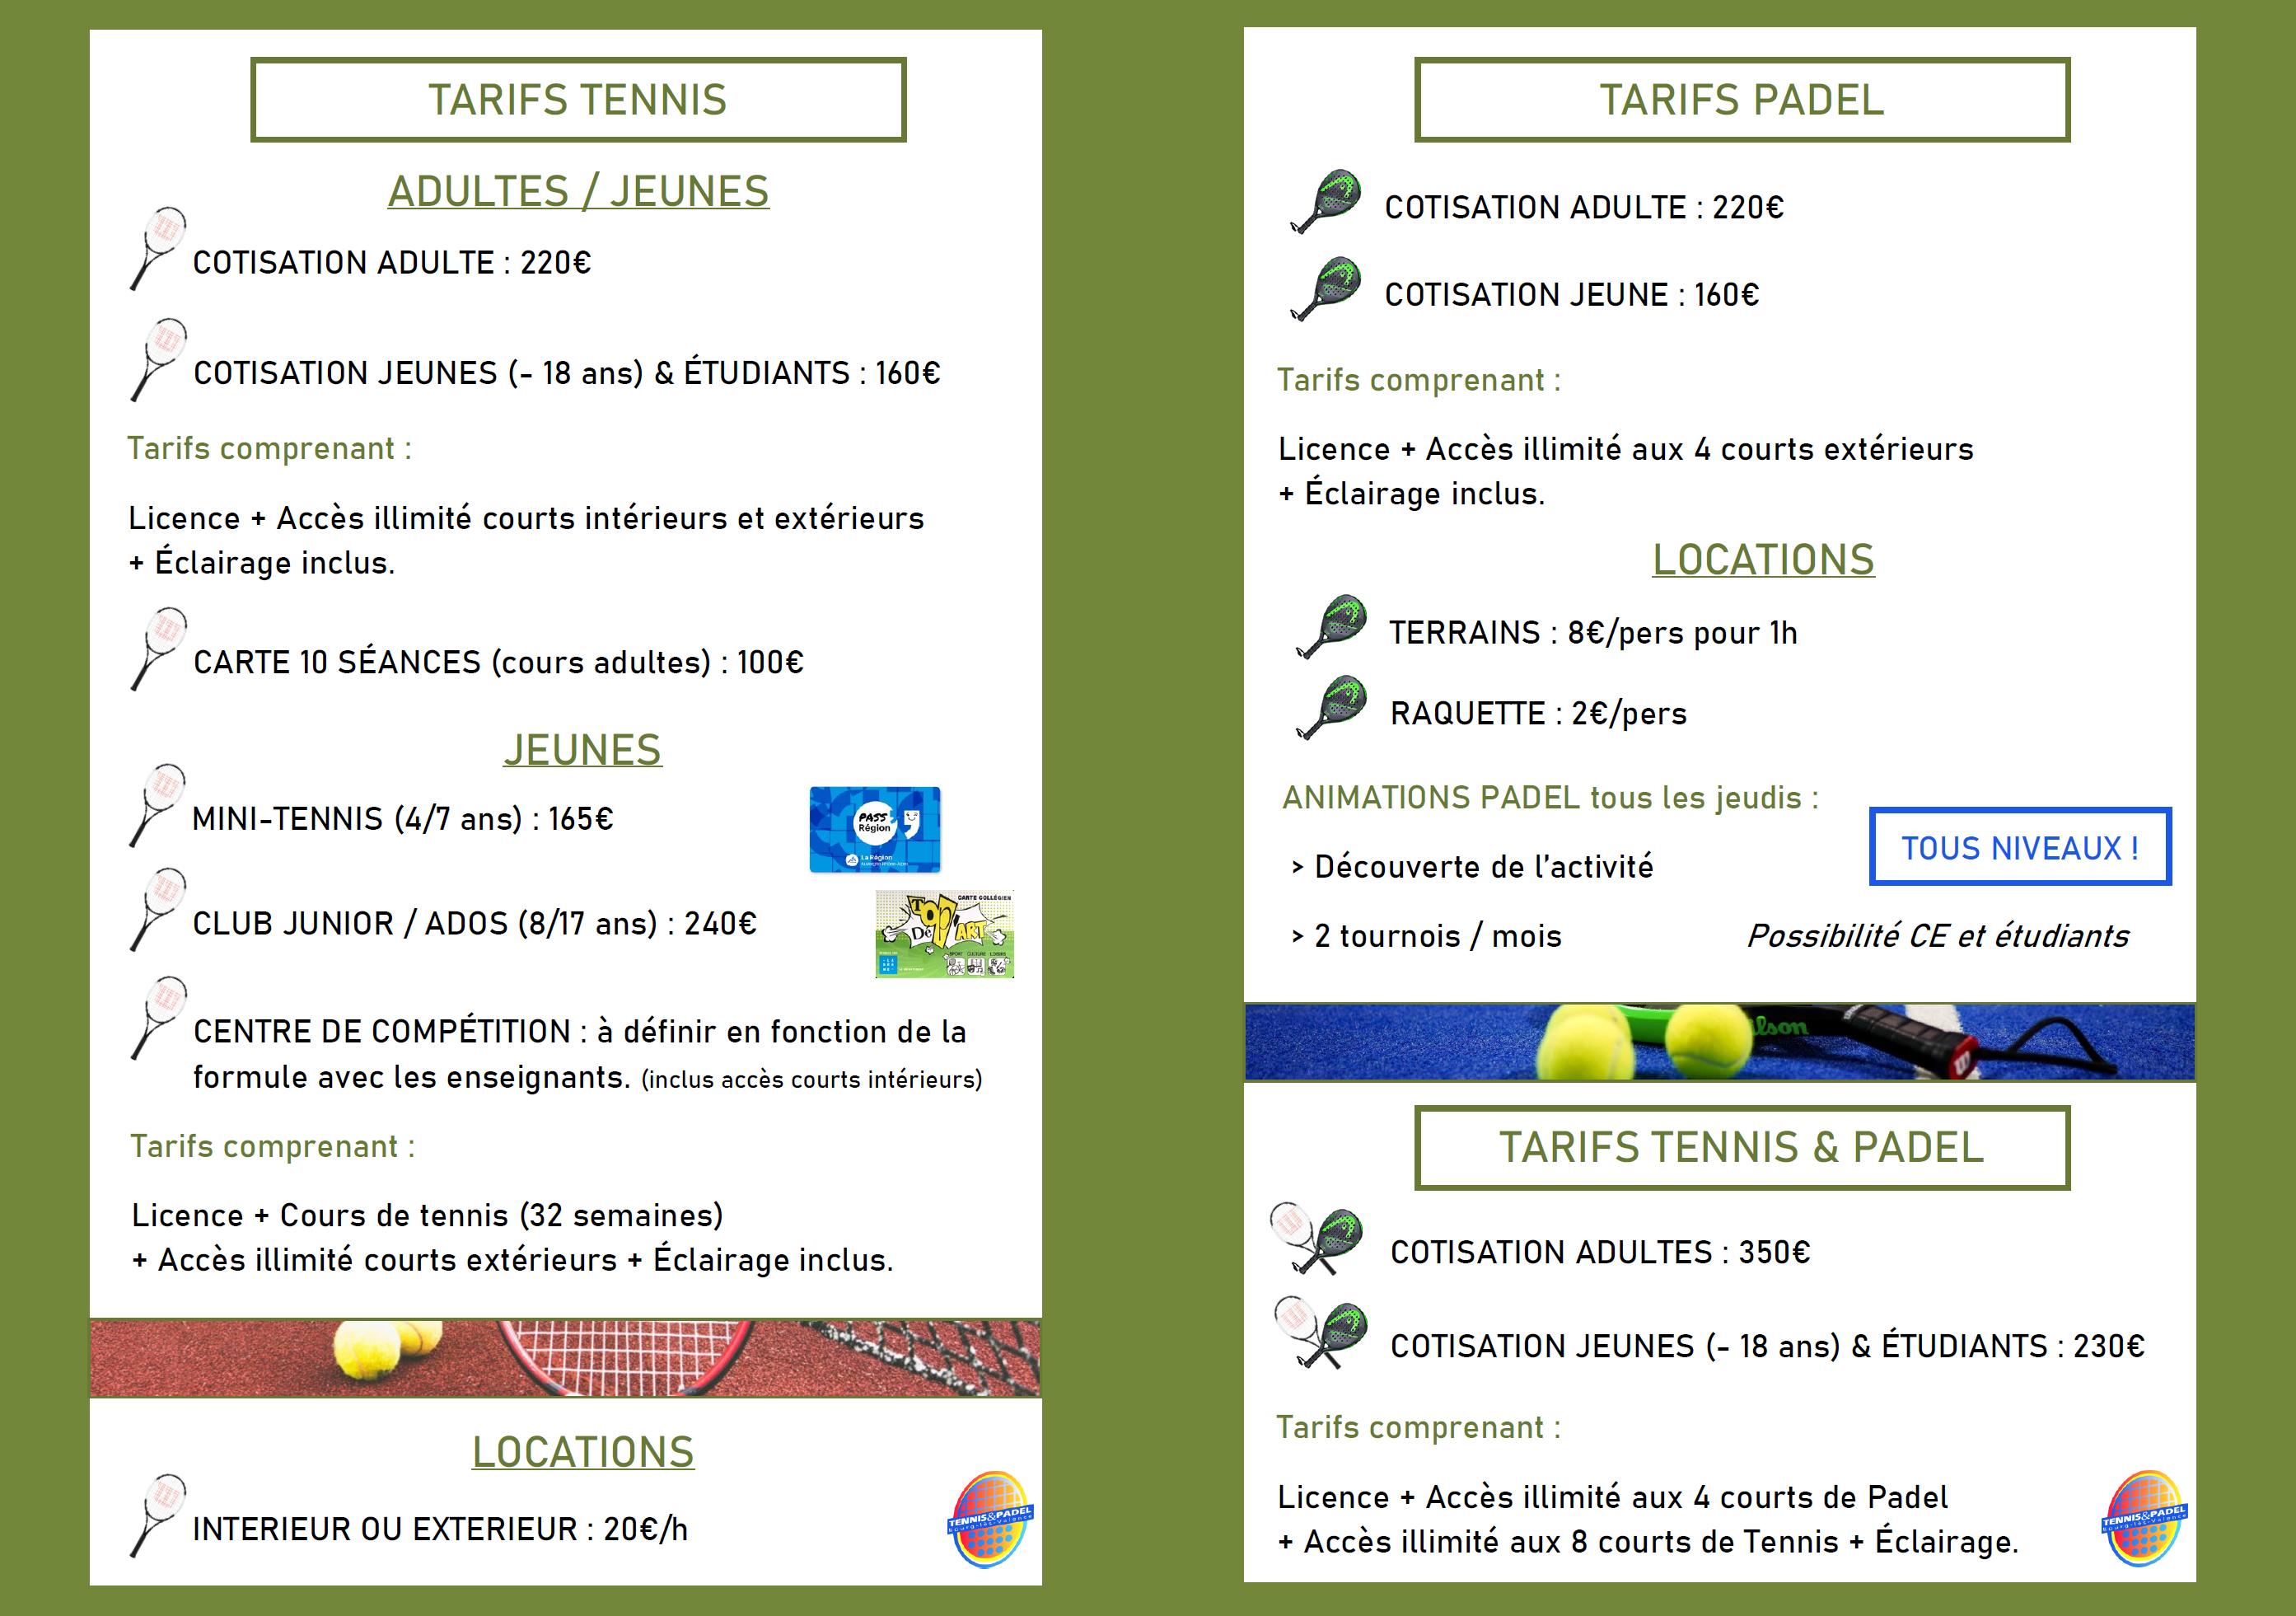 Informazioni padel Tennis & Padel Bourg-Lès-Valence